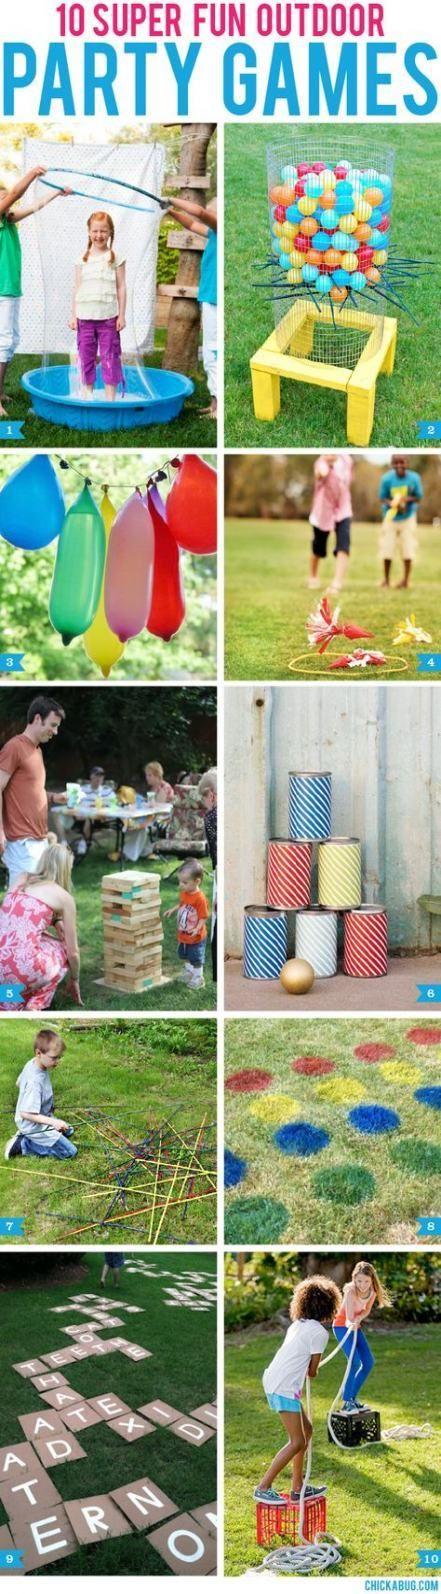 Spiele für Jugendliche im Freien Aktivitäten Familientreffen 47 Ideen für 2019